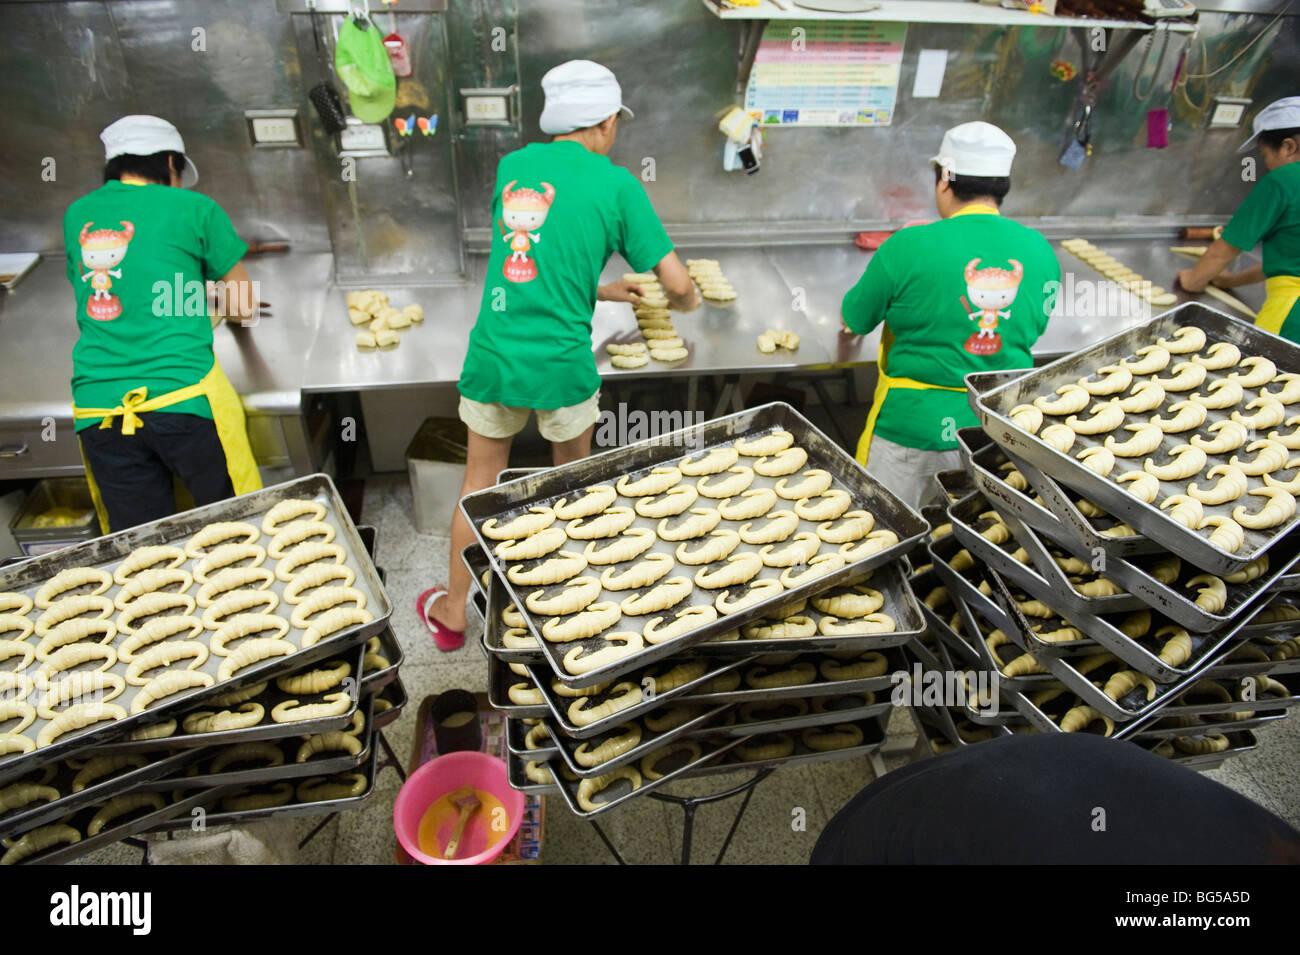 La ligne de production à la Fu Mei Hsiun croissant boulangerie. Photo Stock